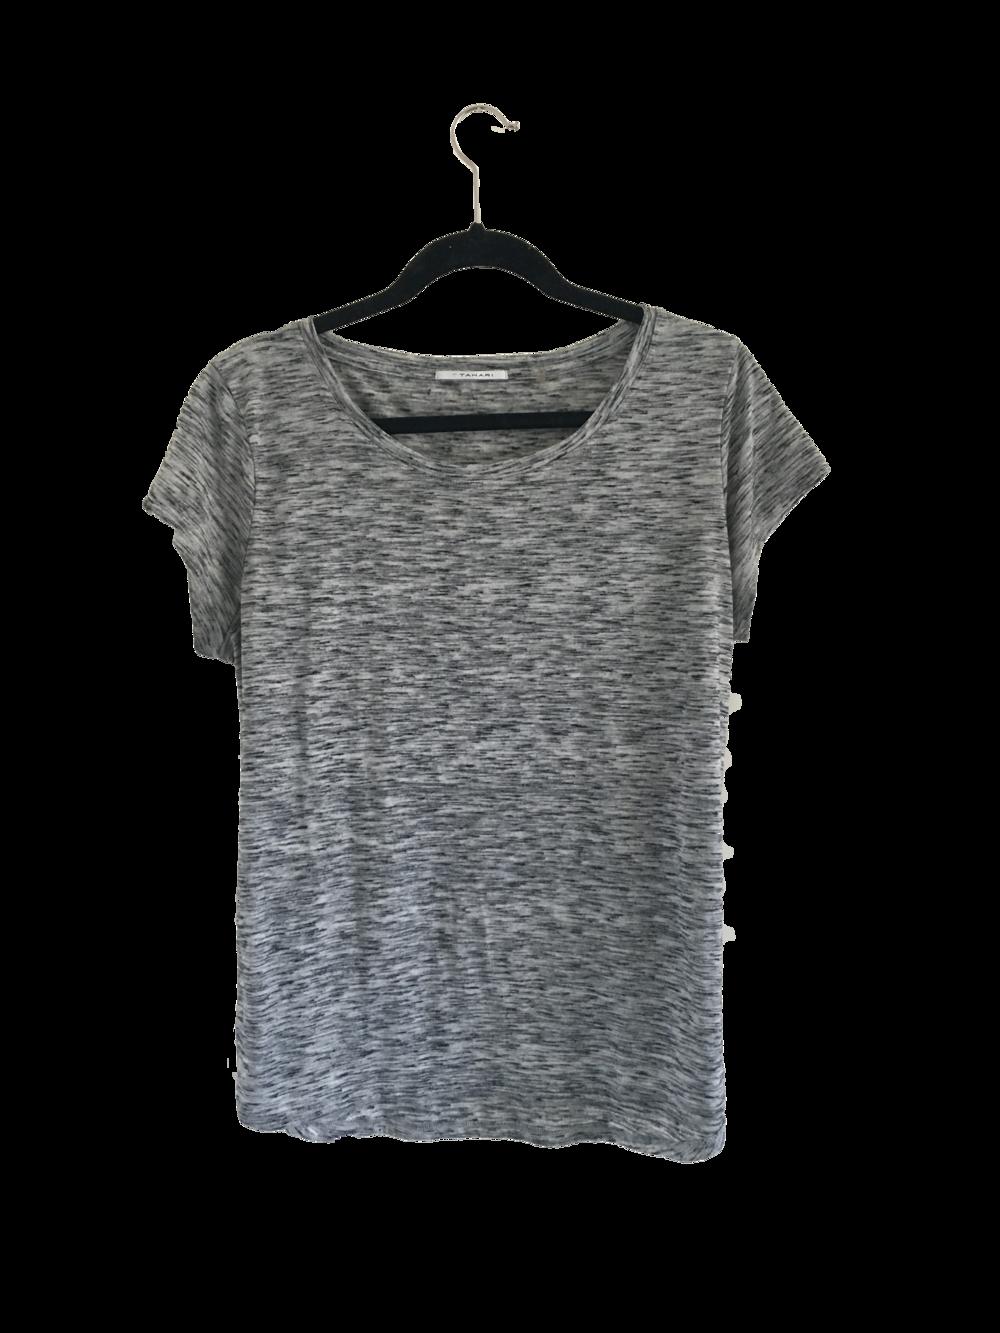 Gray Tahari Shirt.png